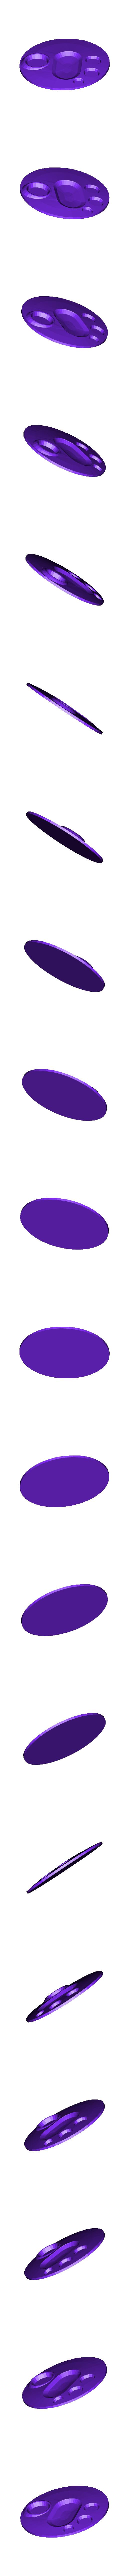 6.stl Télécharger fichier STL gratuit Articulations de la voûte plantaire • Design pour impression 3D, indigo4